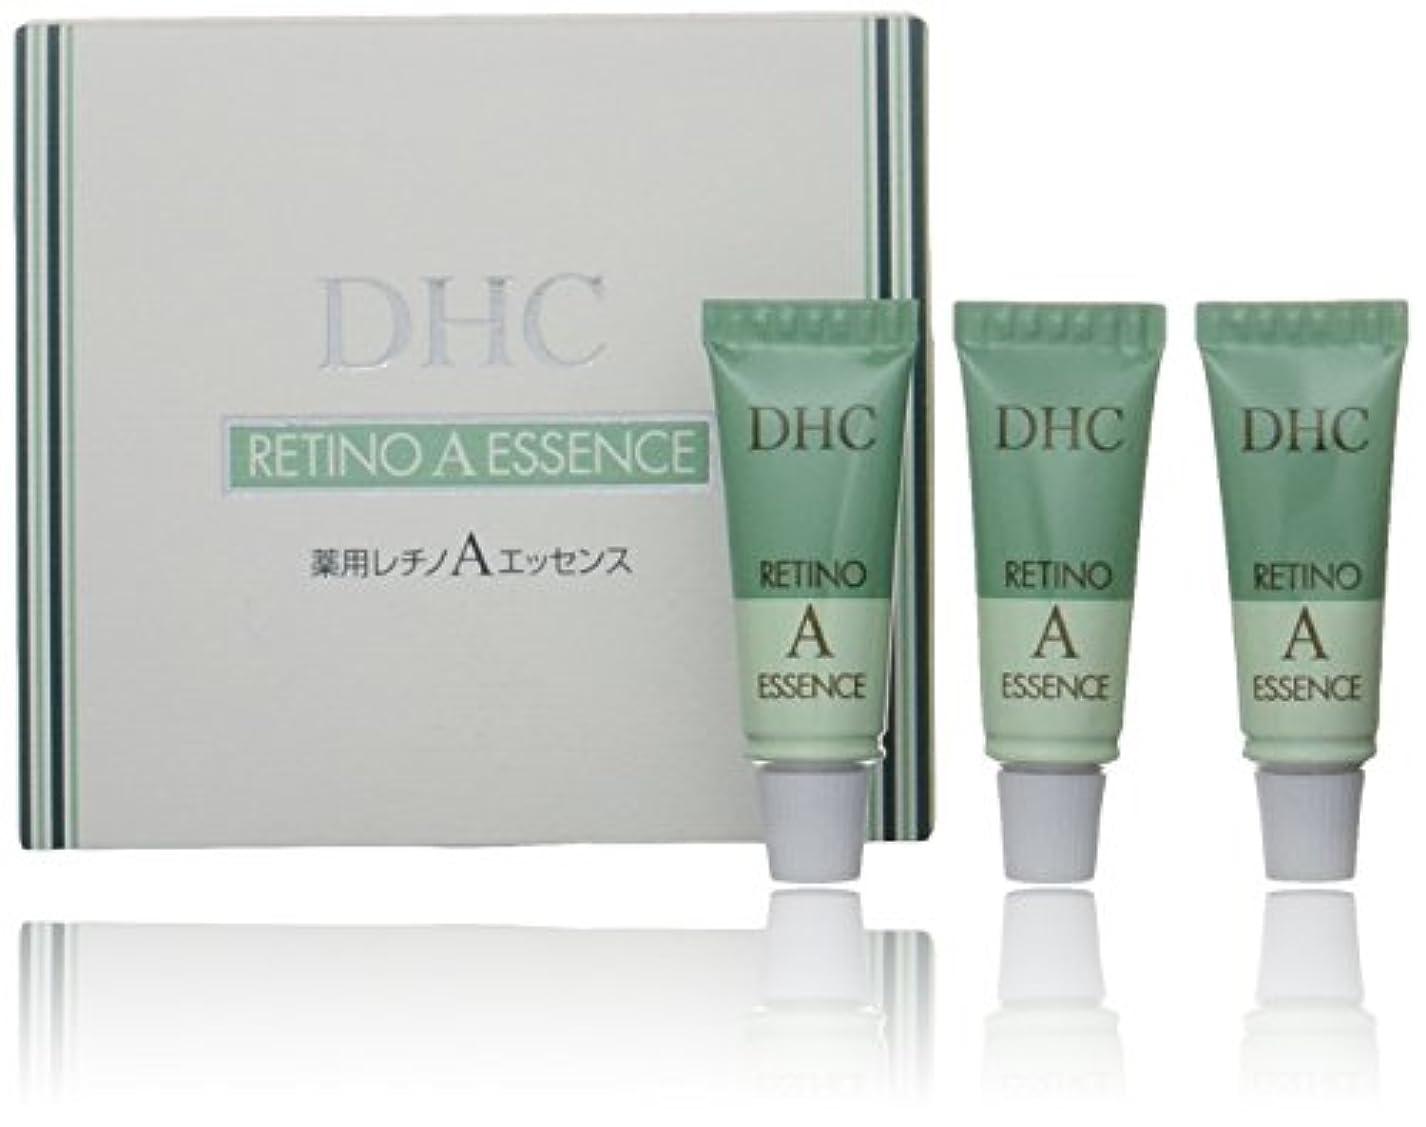 収束旅客ガウン【医薬部外品】 DHC薬用レチノAエッセンス